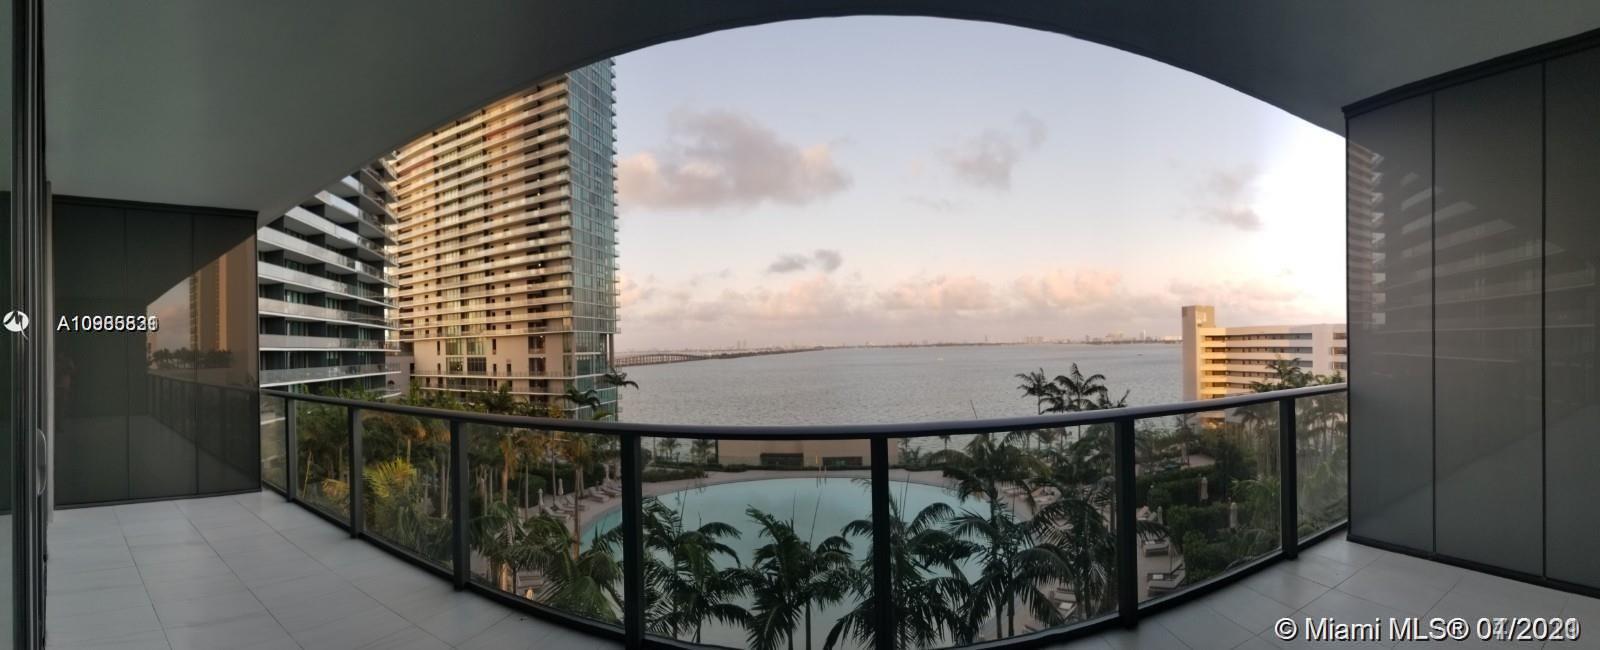 Gran Paraiso #806 - 480 NE 31st St #806, Miami, FL 33137